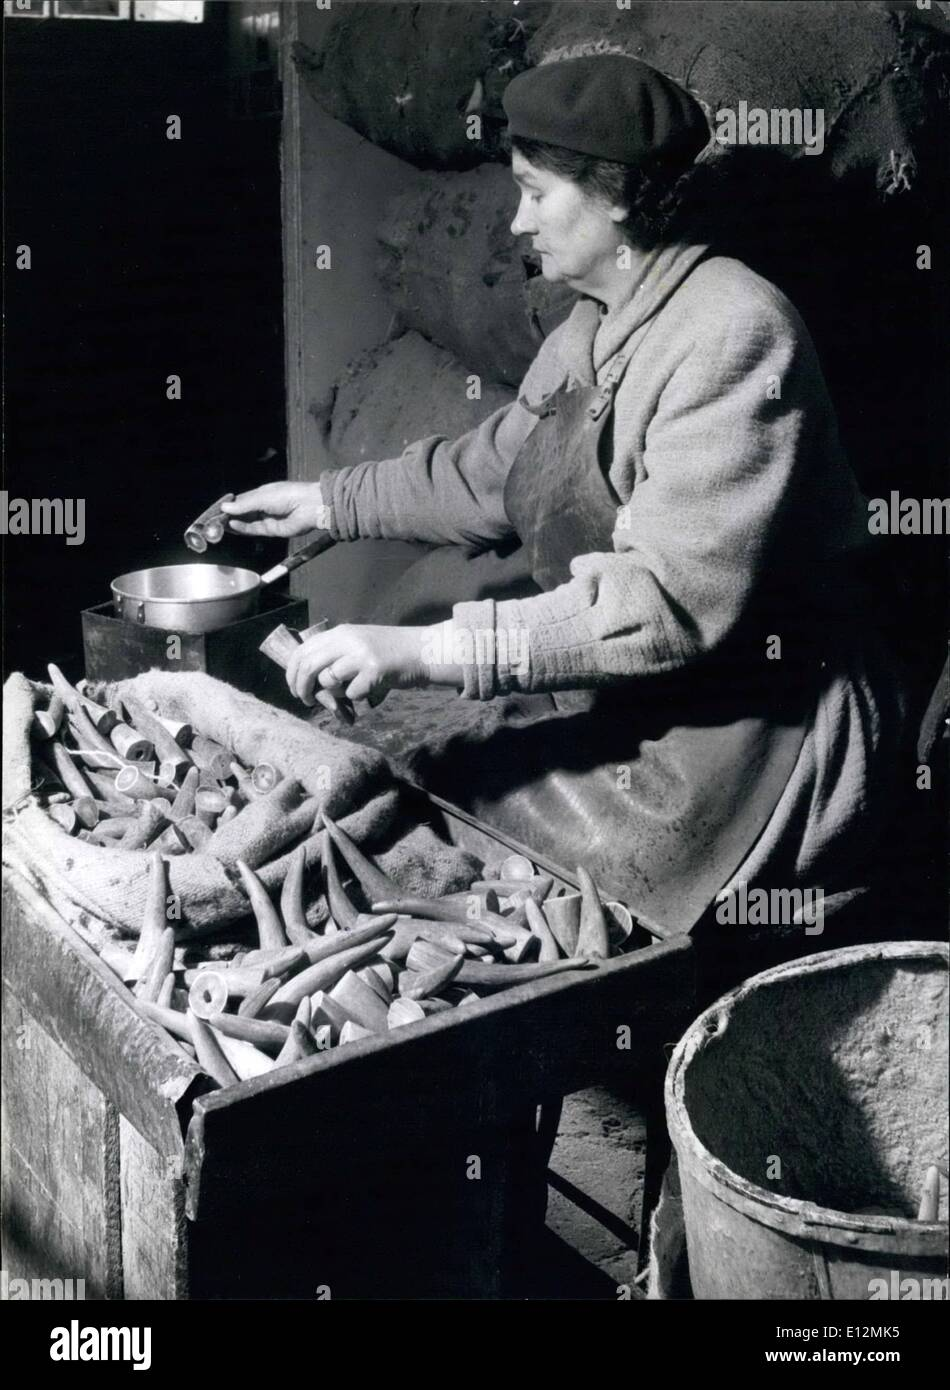 Febrero 24, 2012 - ¿Cuál es su línea? La Sra. Edith Durlow ha sido quince años con la empresa. Ella dips cuernos en sebo para evitar el agrietamiento durante la ordenación. Imagen De Stock